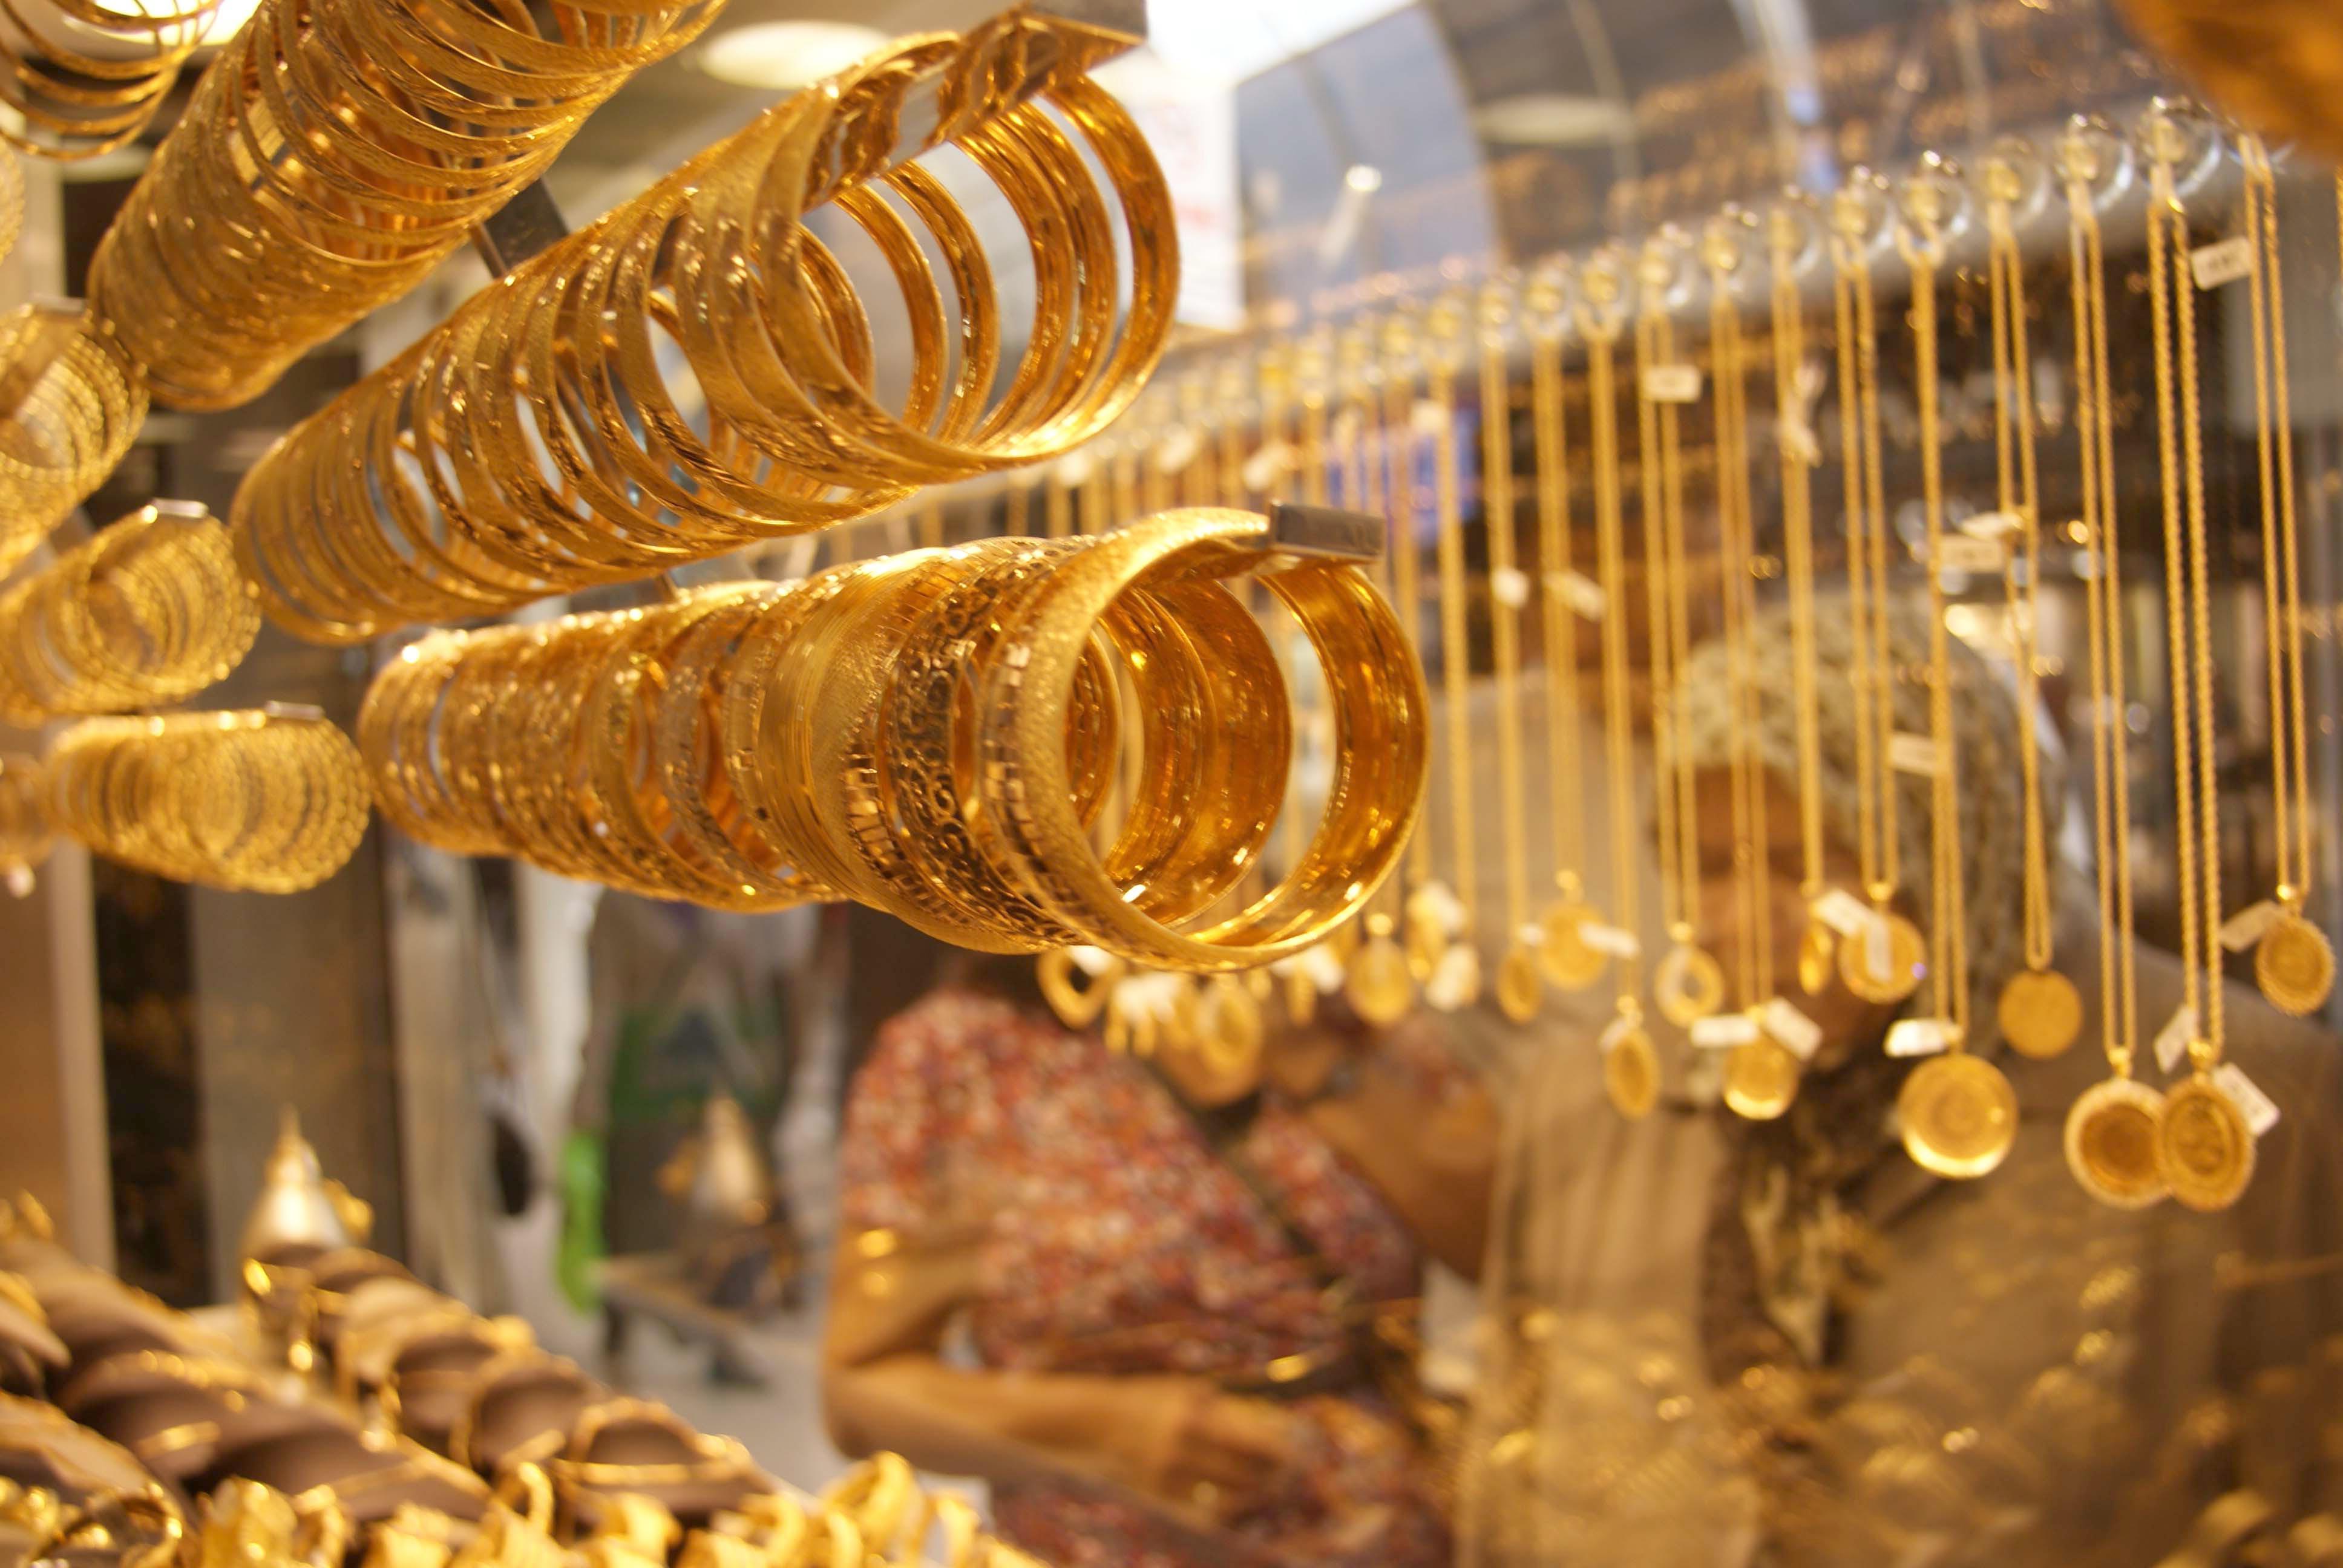 Altın alacaklar dikkat! 5 kritik madde açıklandı